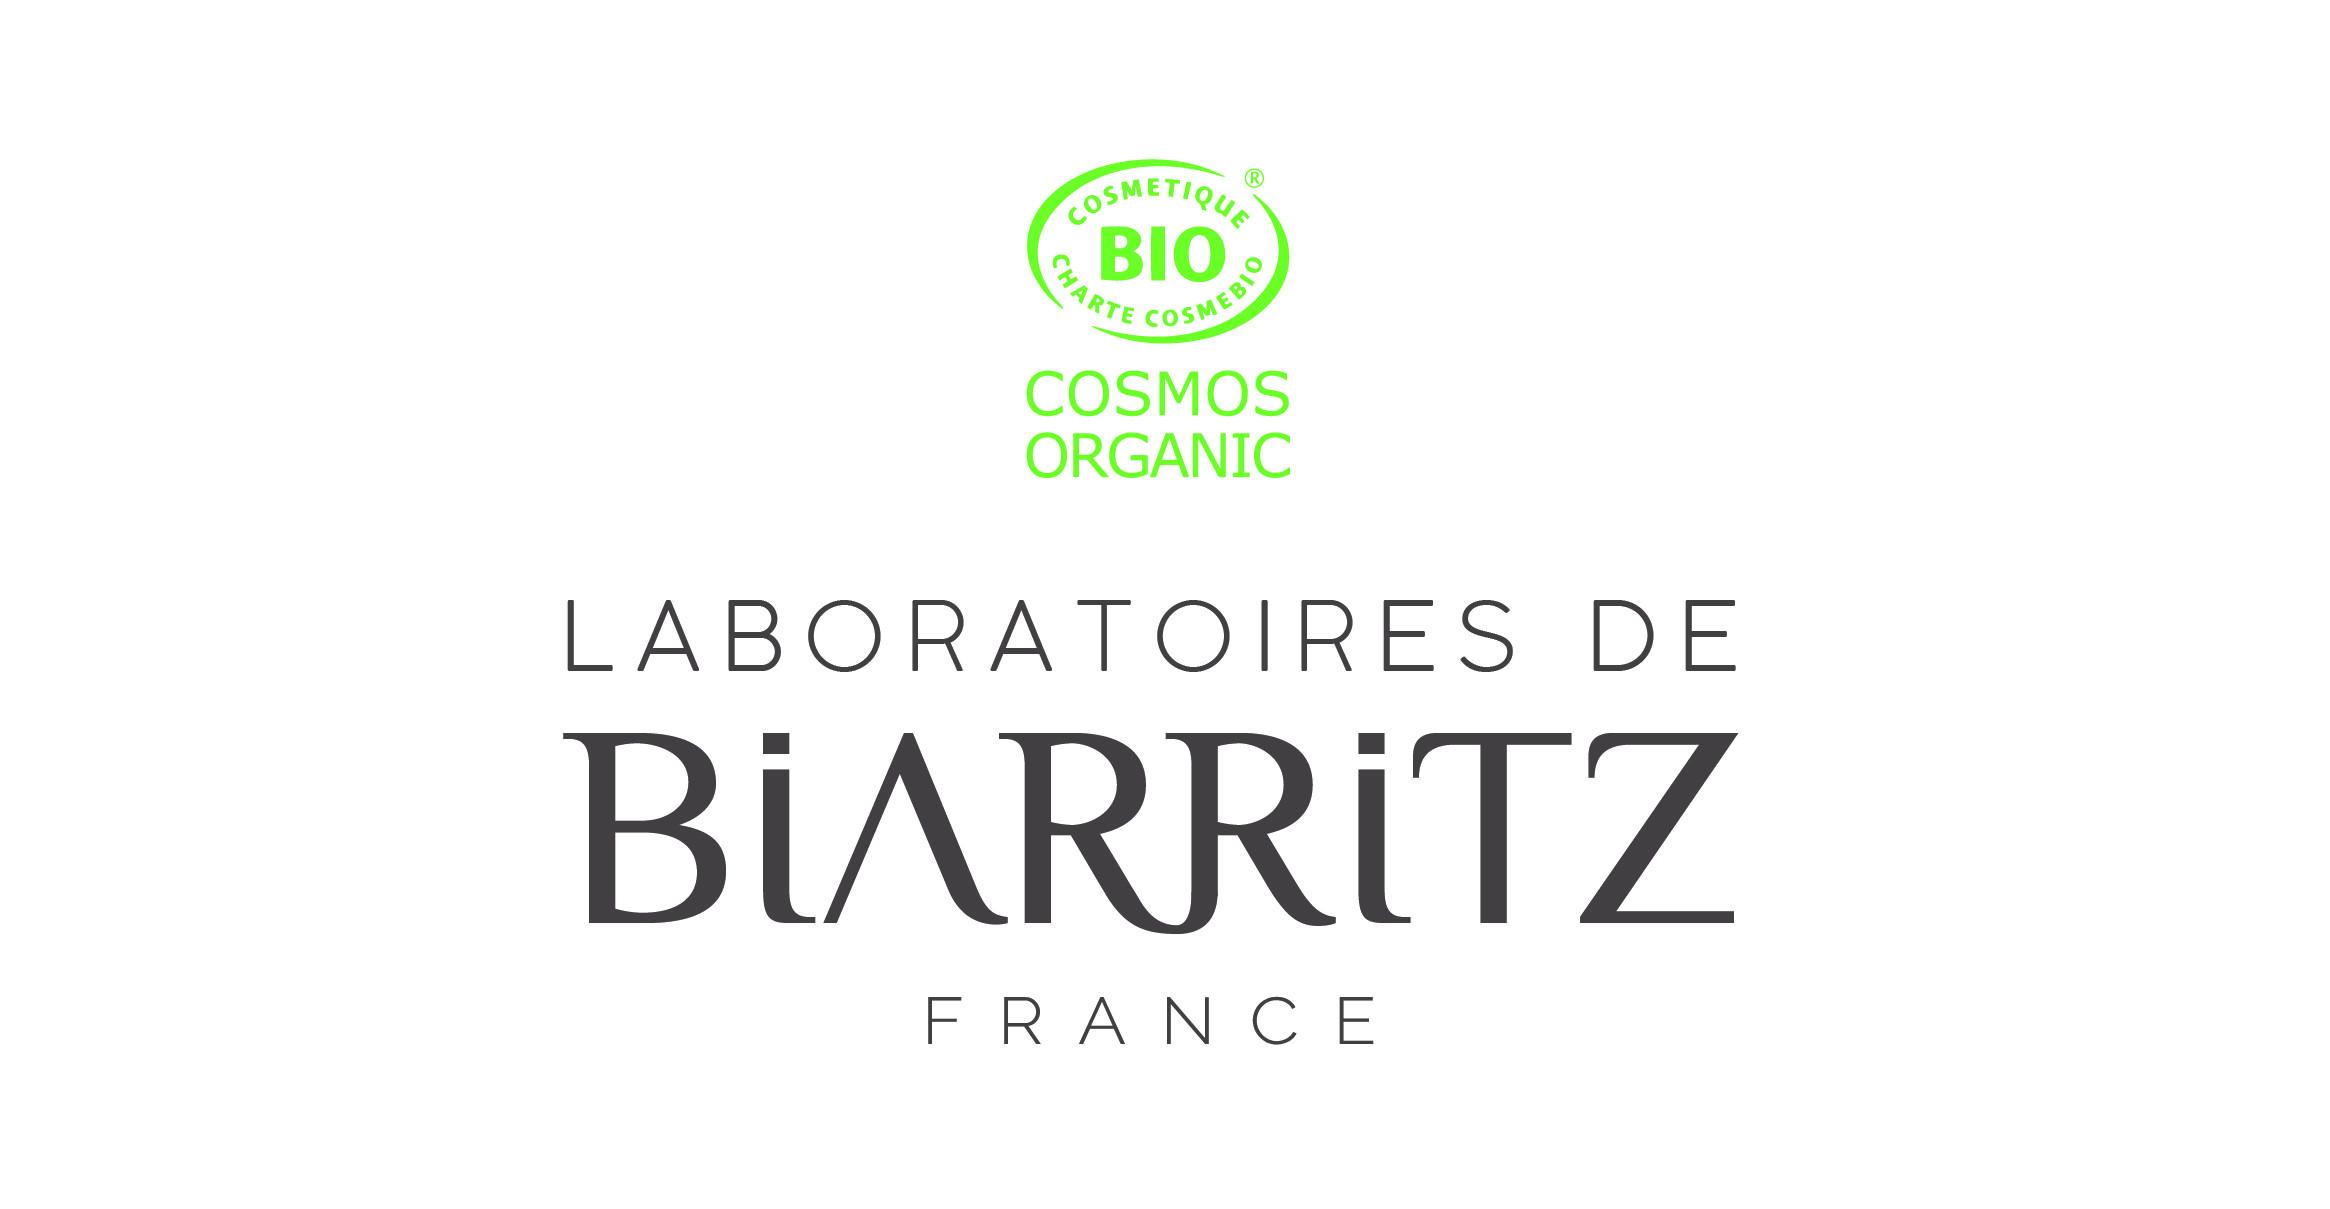 Les Laboratoires de Biarritz